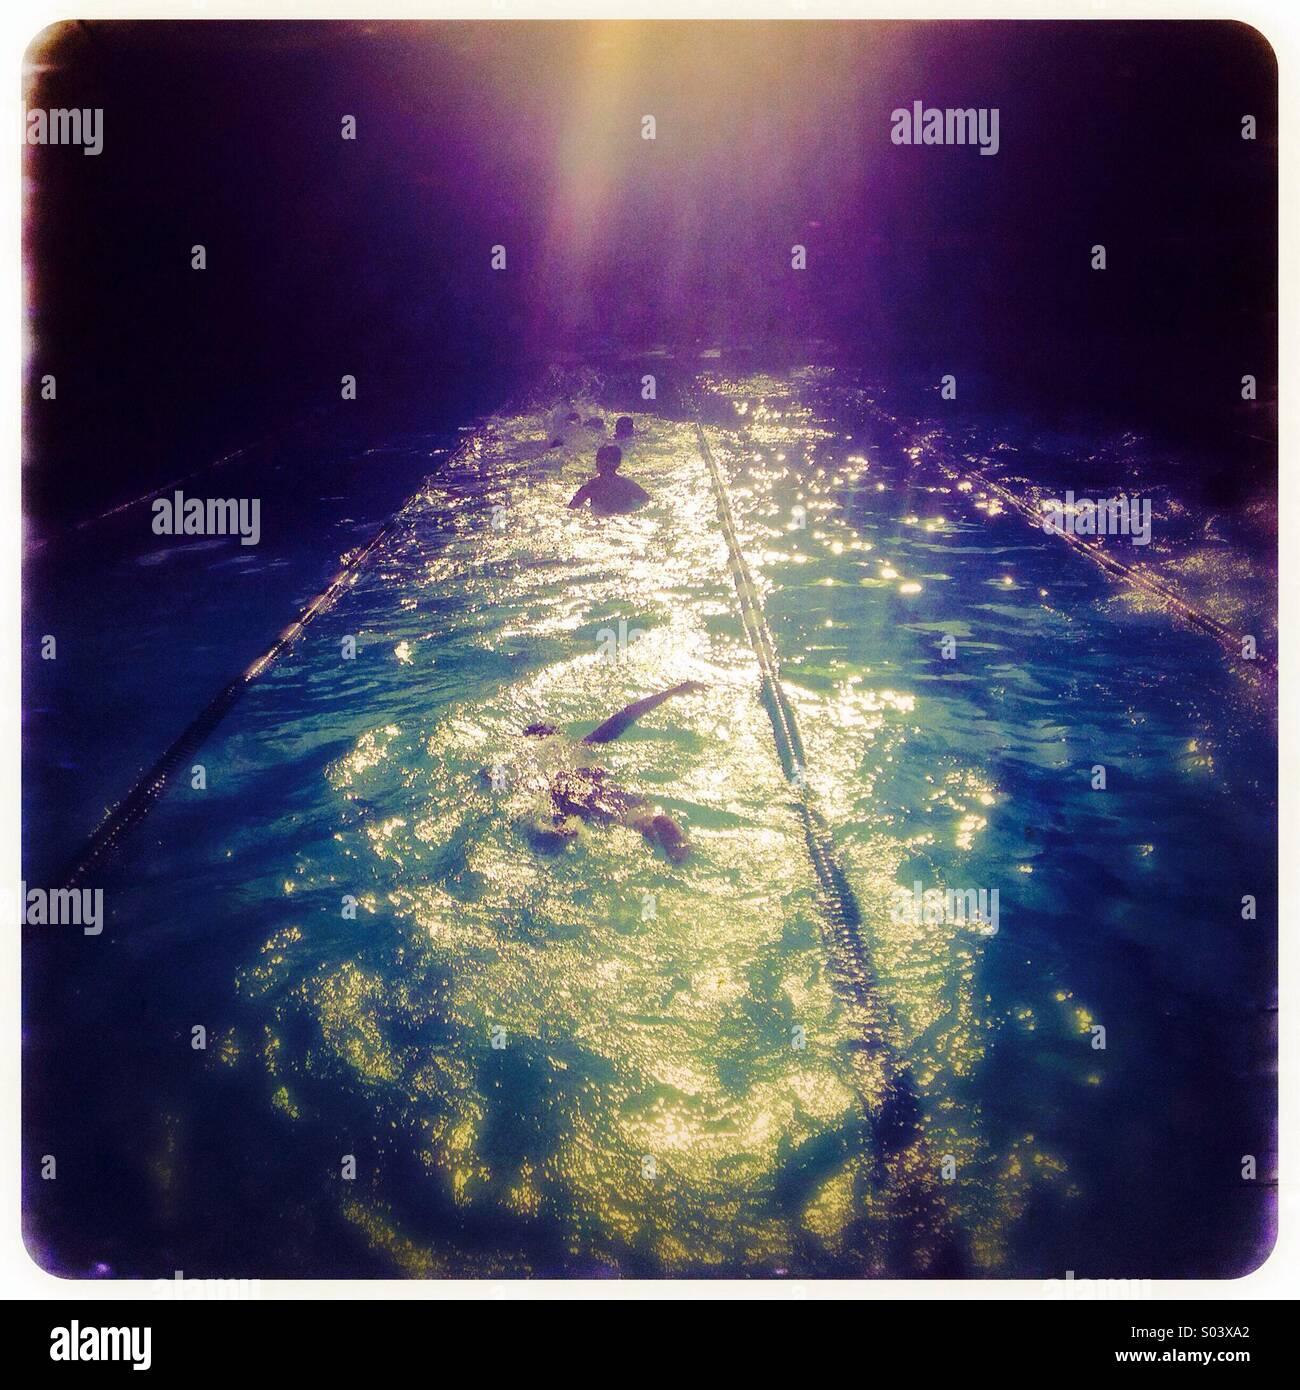 Swim practice - Stock Image